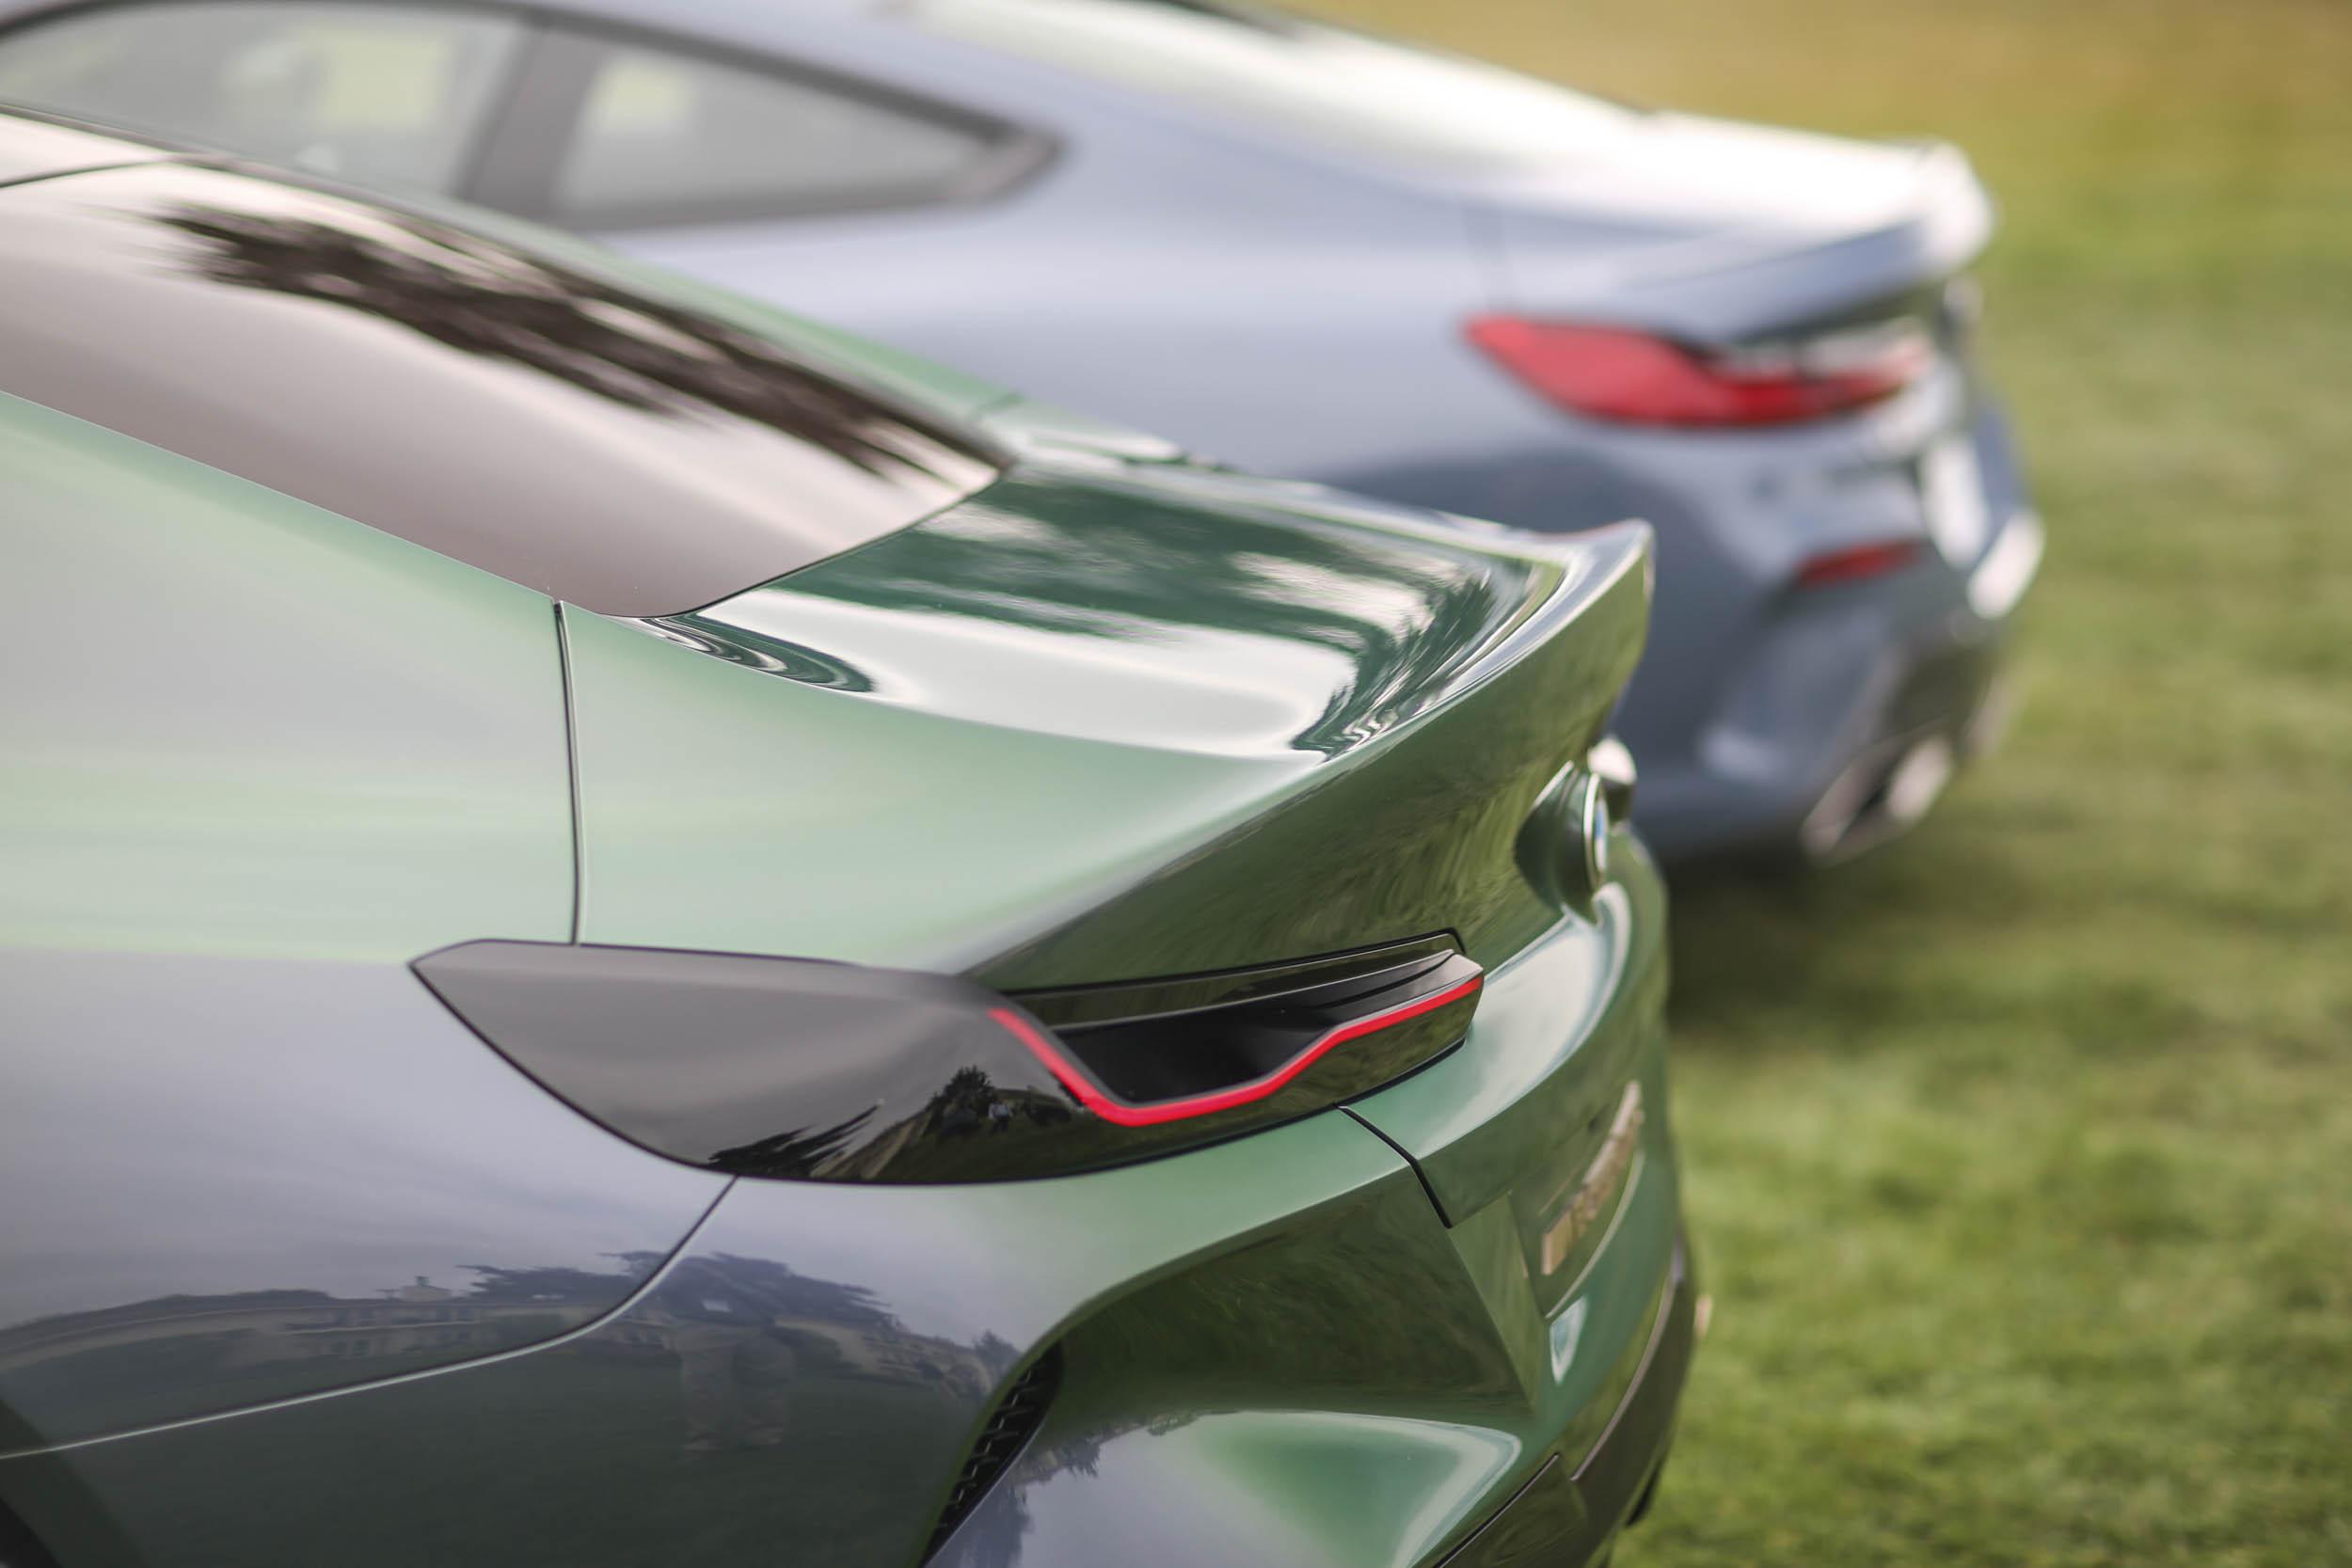 BMW M8 Gran Coupe tail